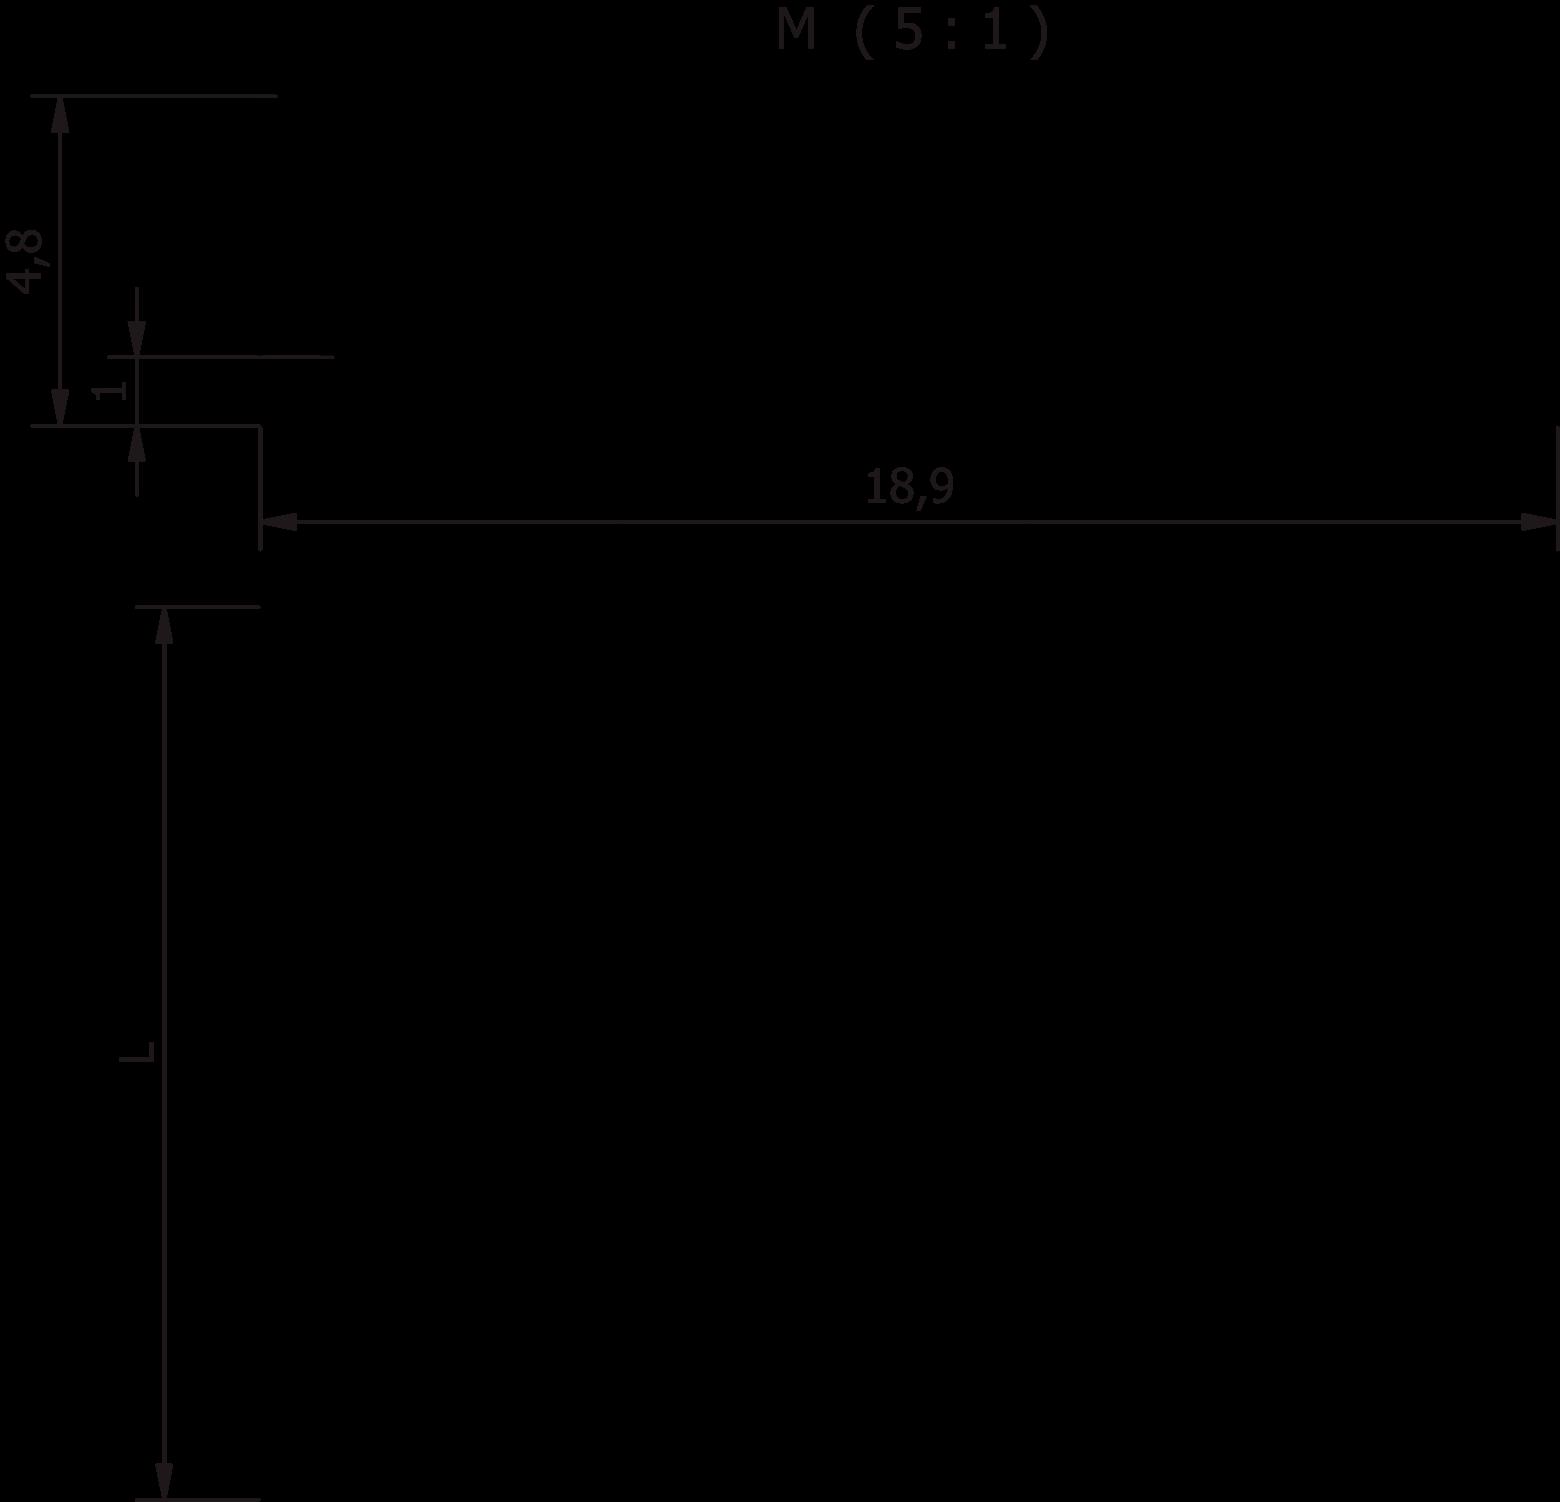 https://cdn-reichelt.de/bilder/web/xxl_ws/C800/ICK_SMD_B_02.png